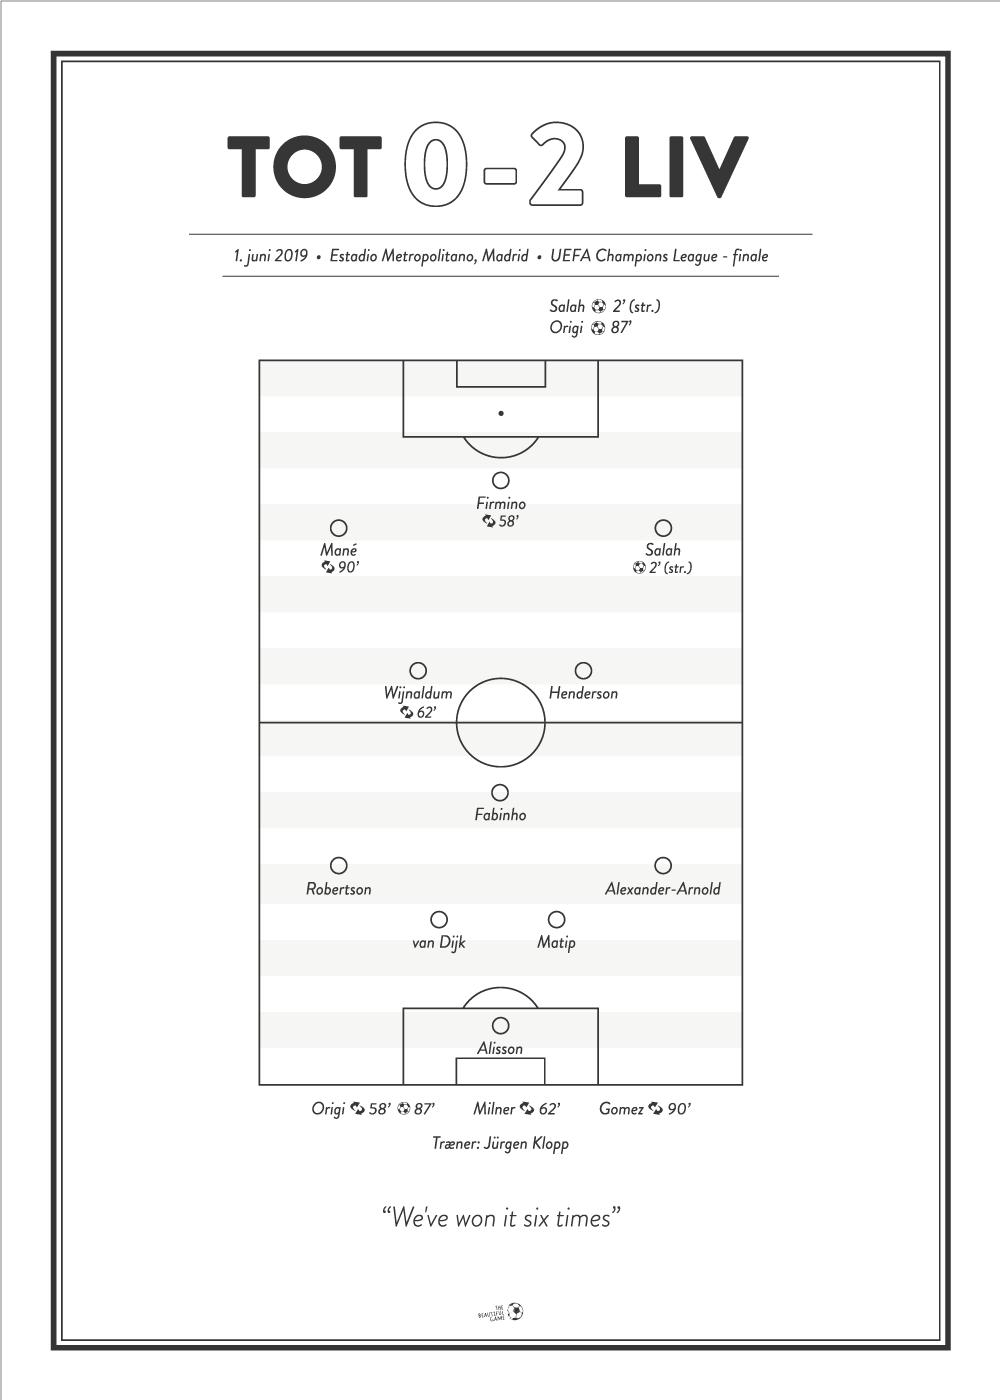 Billede af Tottenham - Liverpool 0-2 Champions League finale 2019 plakat